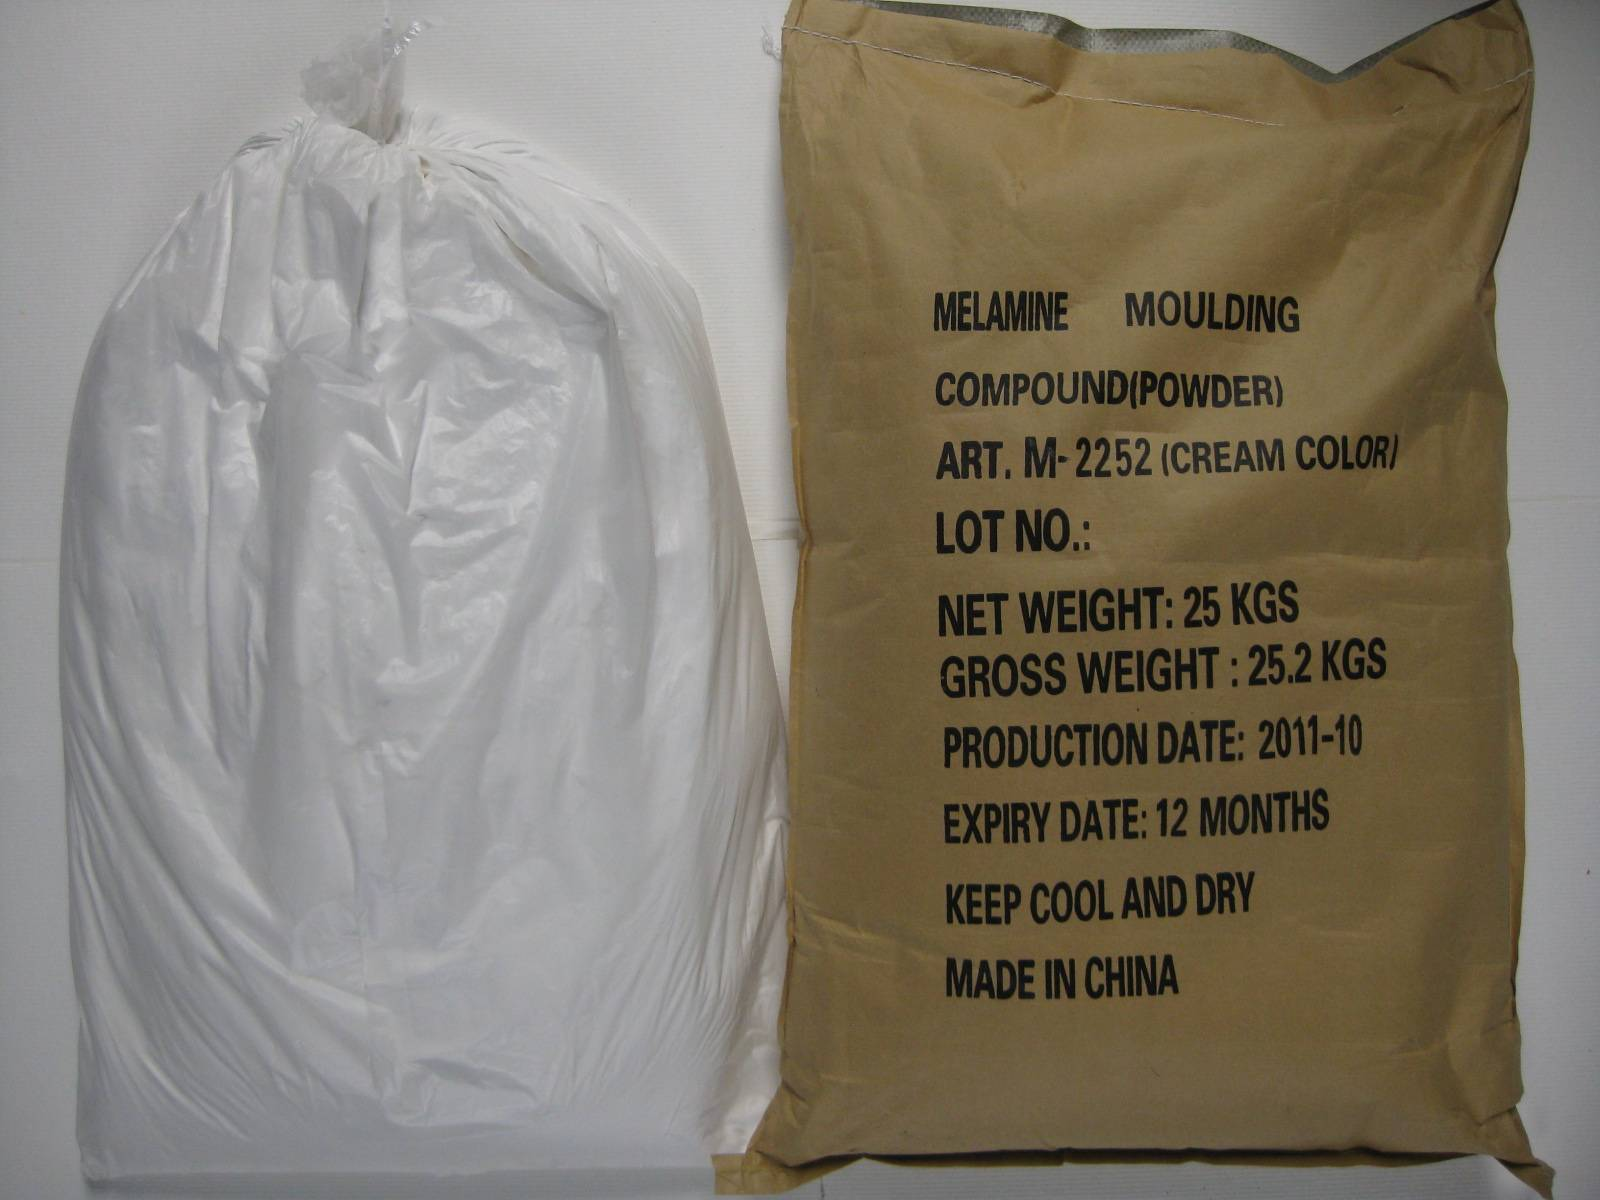 Melamine moulding powder